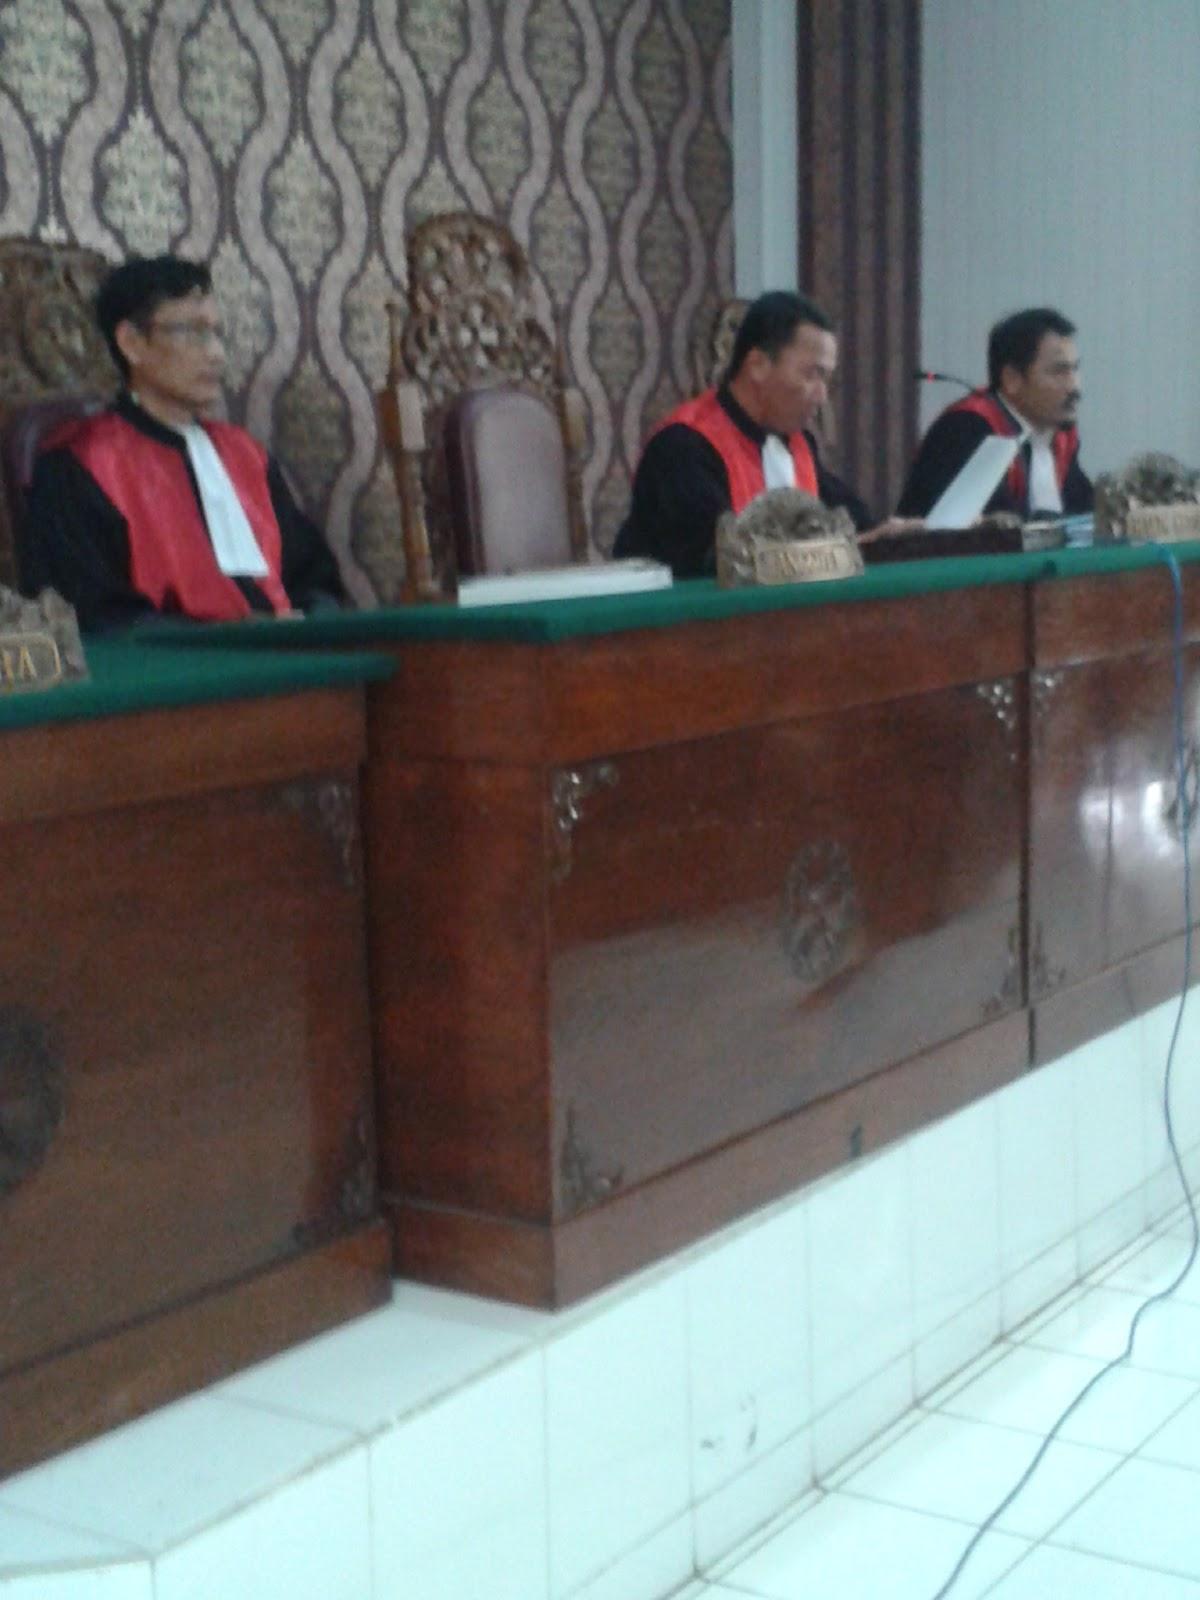 Pengadilan Negeri Bojonegoro Akhirnya Tolak Gugatan Tan Tjien Hwat Menolak